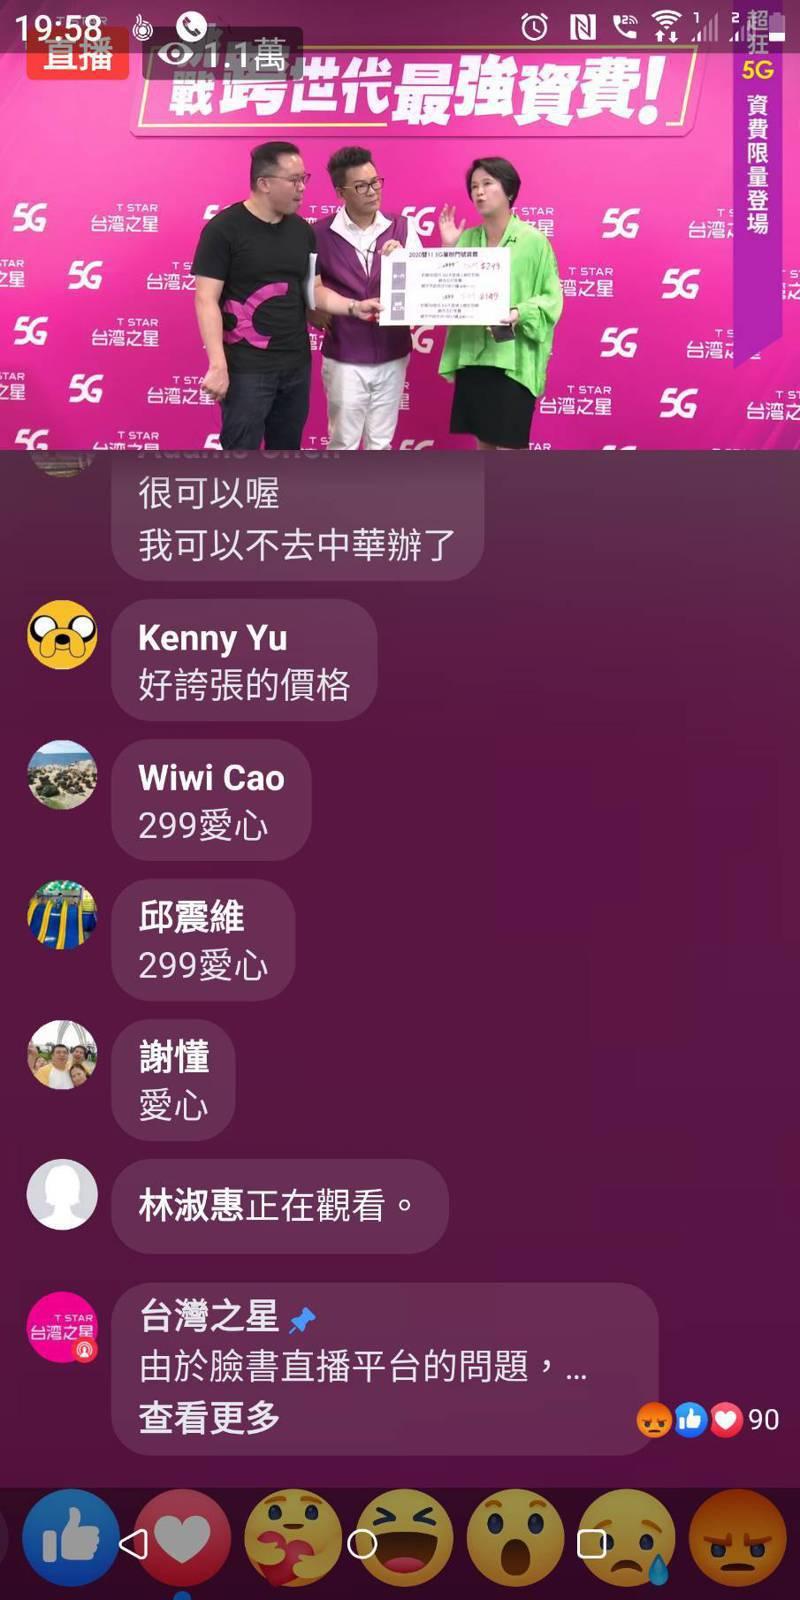 台灣之星今天晚上7點舉行「挑戰跨世代最強資費」雙11購物節直播,吸引1.1萬到1.2萬粉絲參加直播。記者黃晶琳/攝影